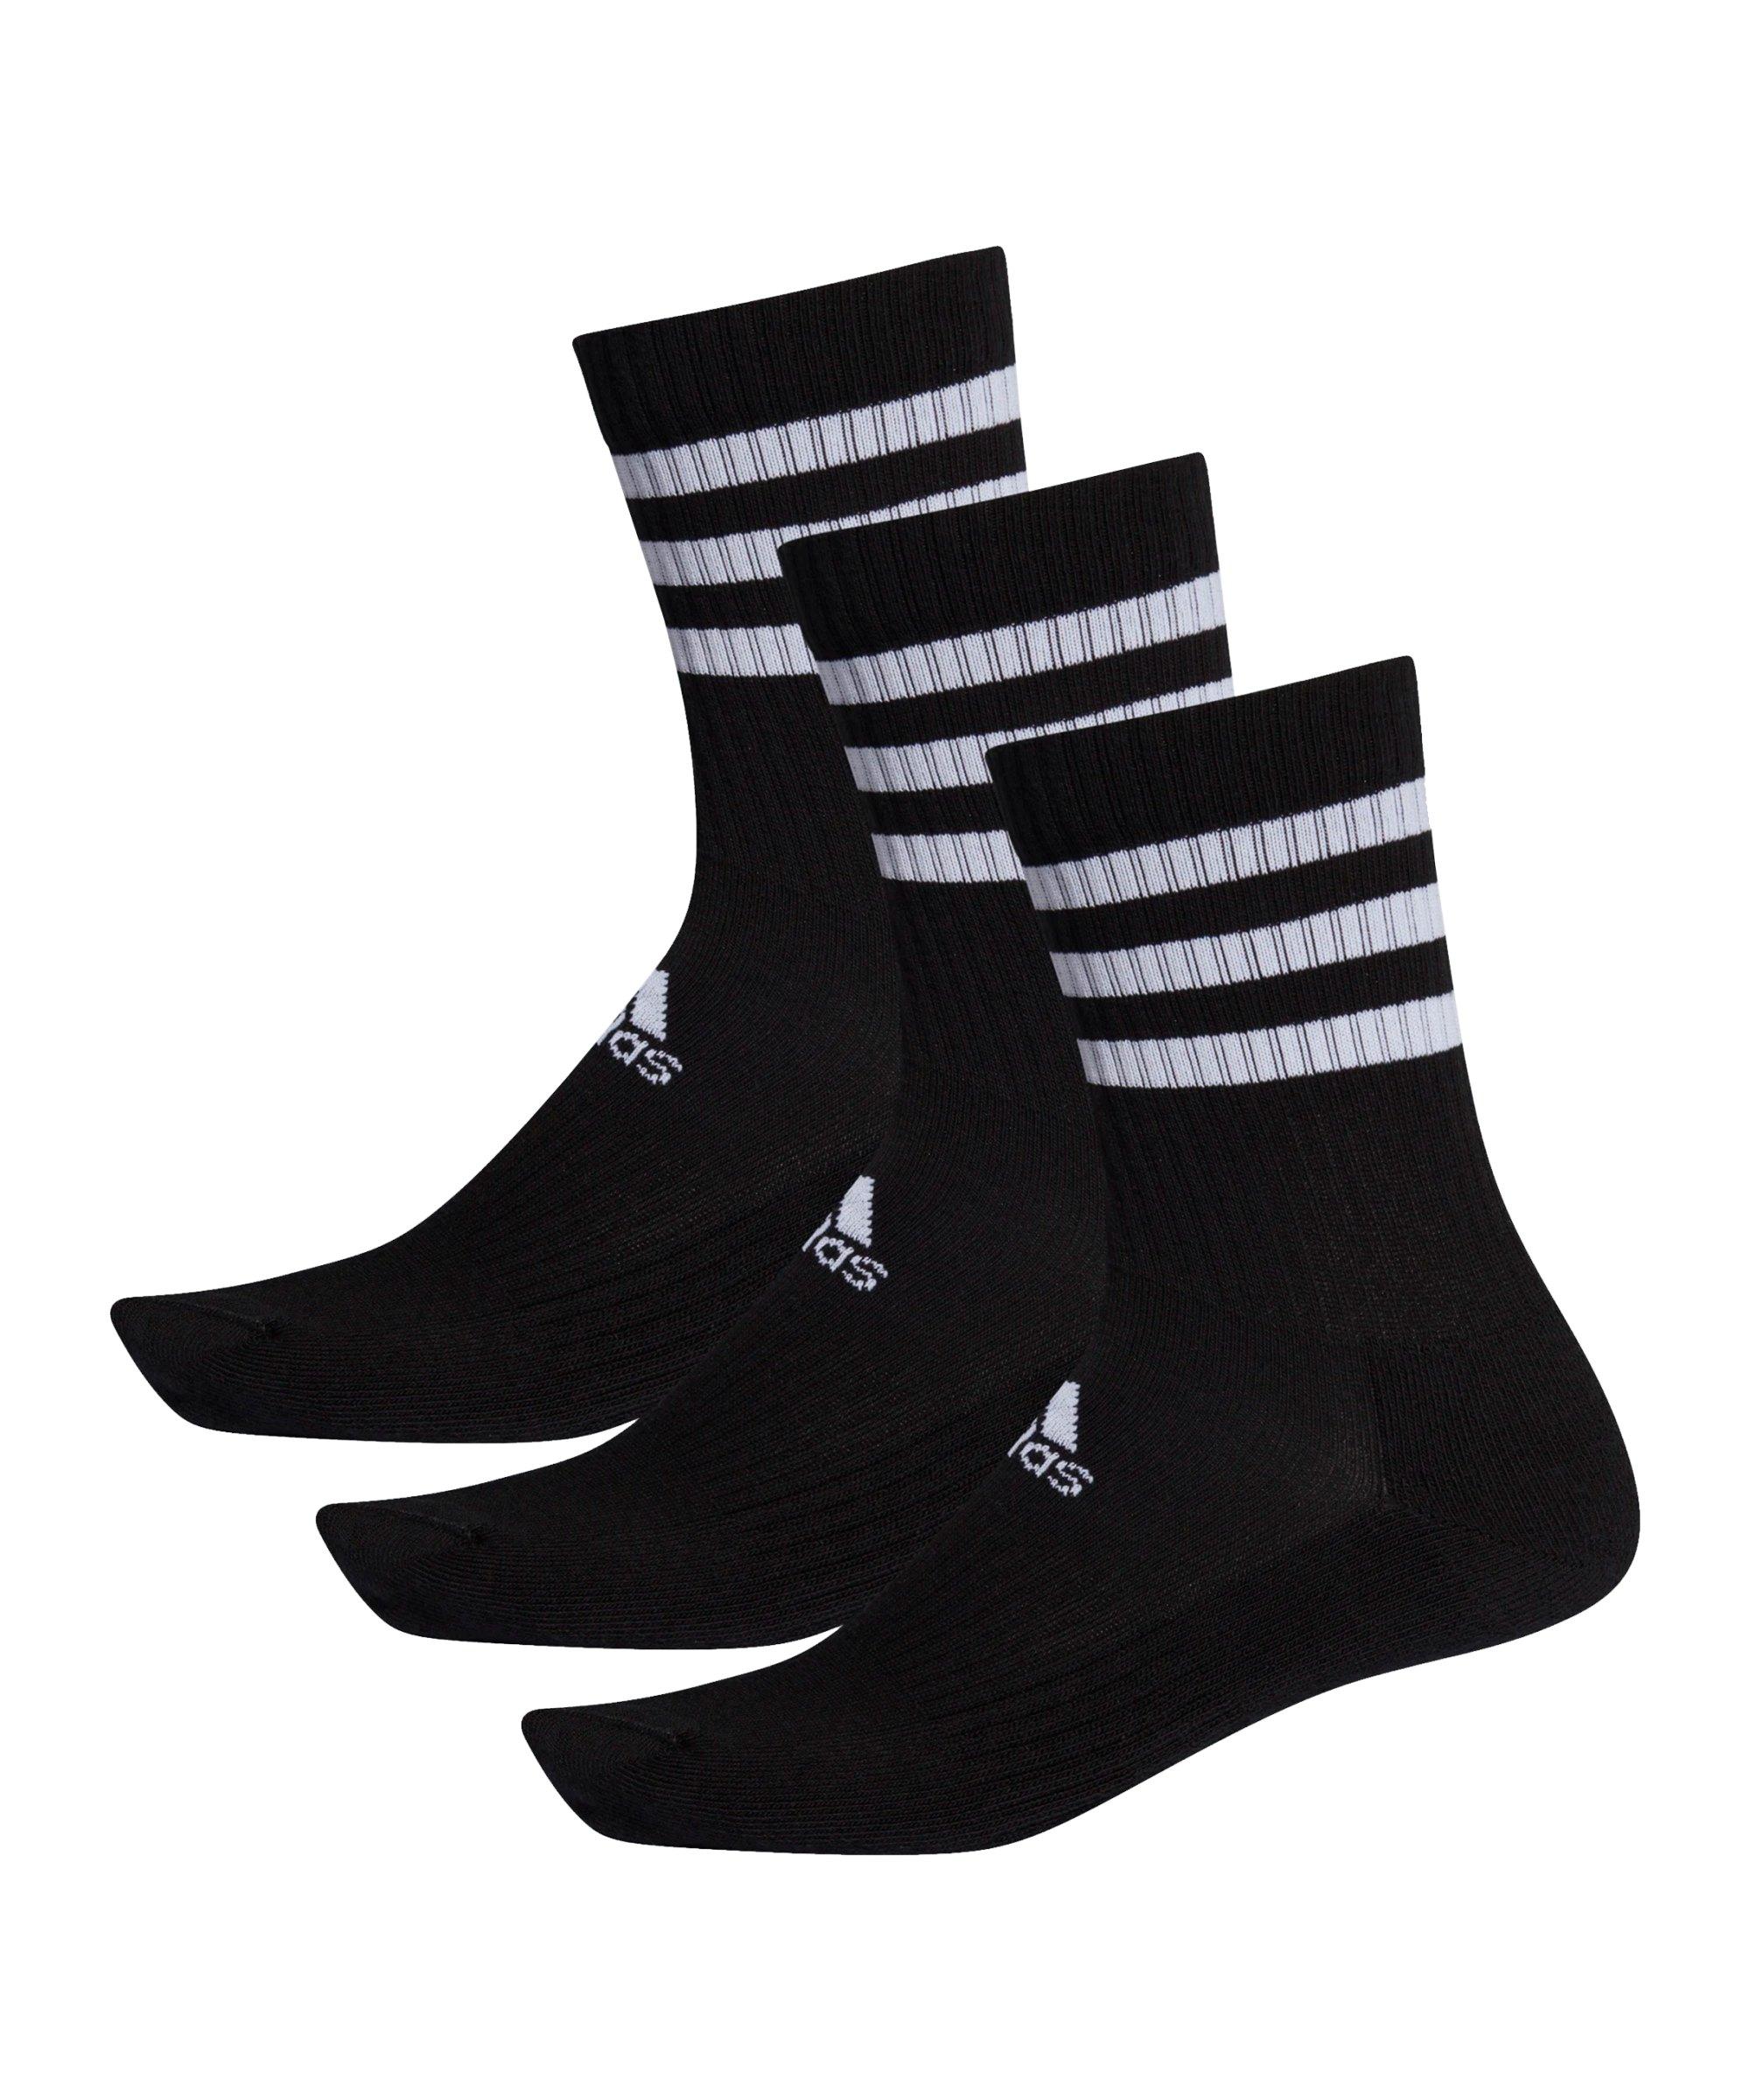 adidas 3S Performance Crew Socken 3er Pack Schwarz - schwarz